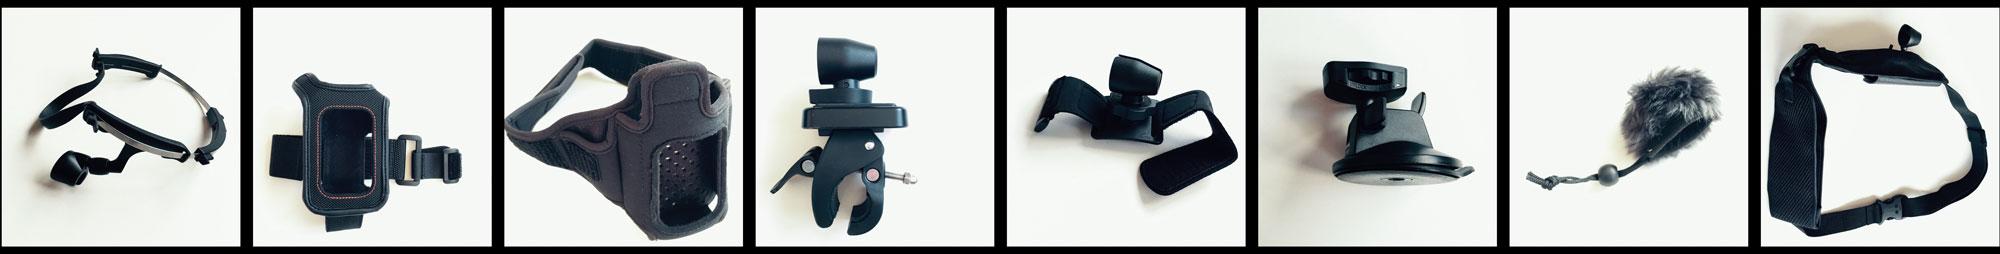 Accessoires compatibles de l'action cam Panasonic HX-A500, 12 2014. Ph. Moctar KANE.